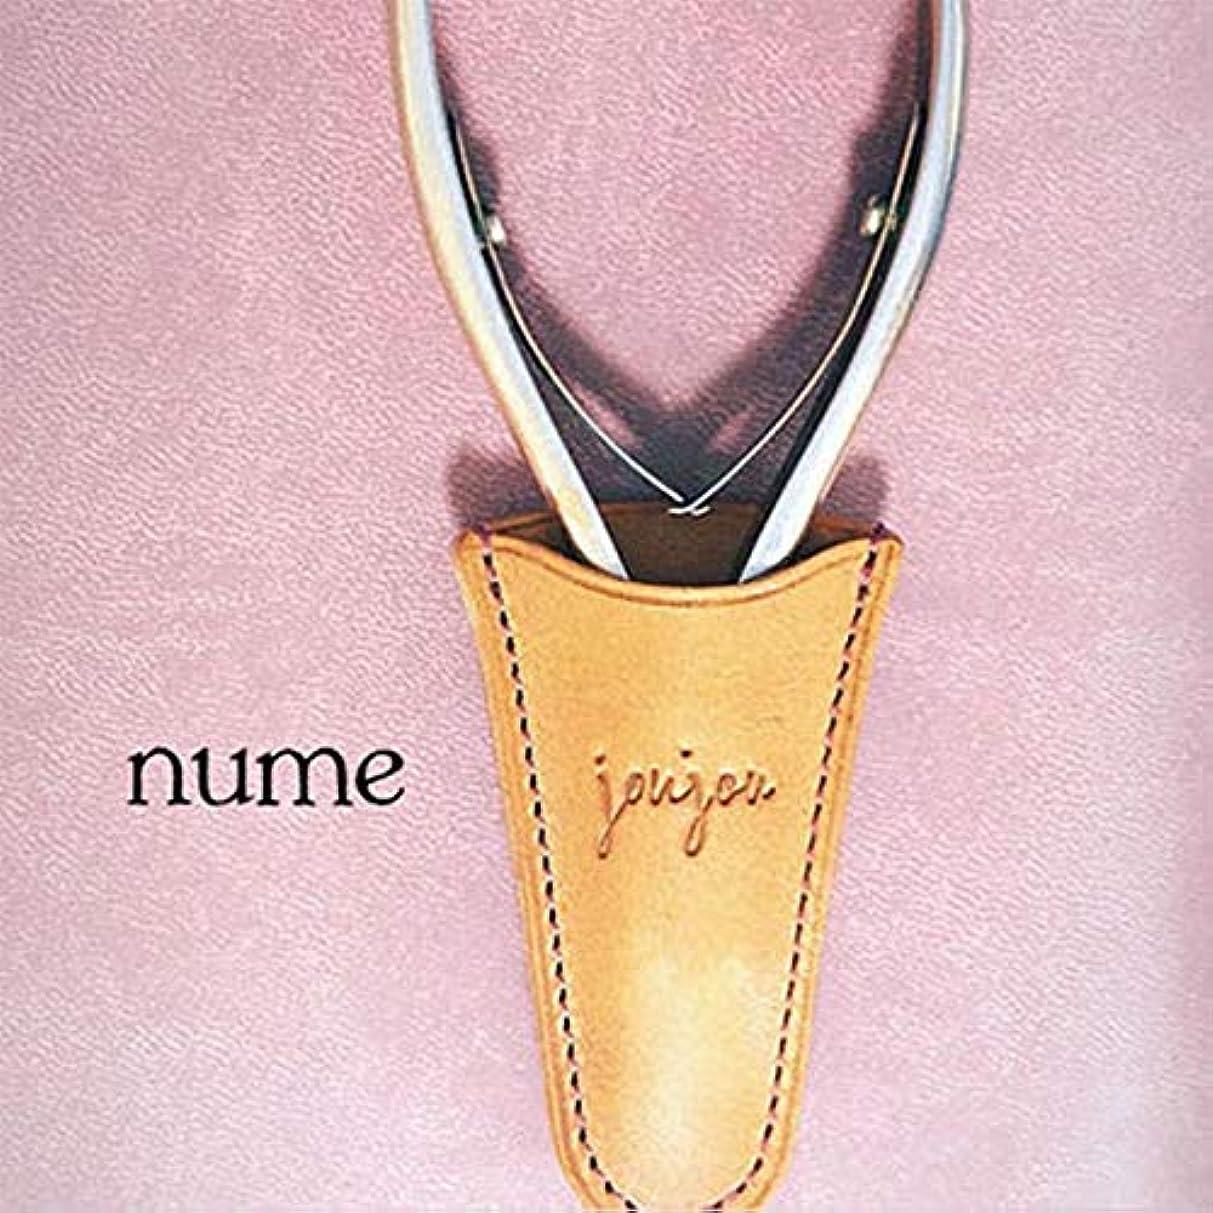 超えてジレンマ偽造◆jou jou ジュジュ Etui d'origine Nipper (レザーニッパーケース) ヌメ